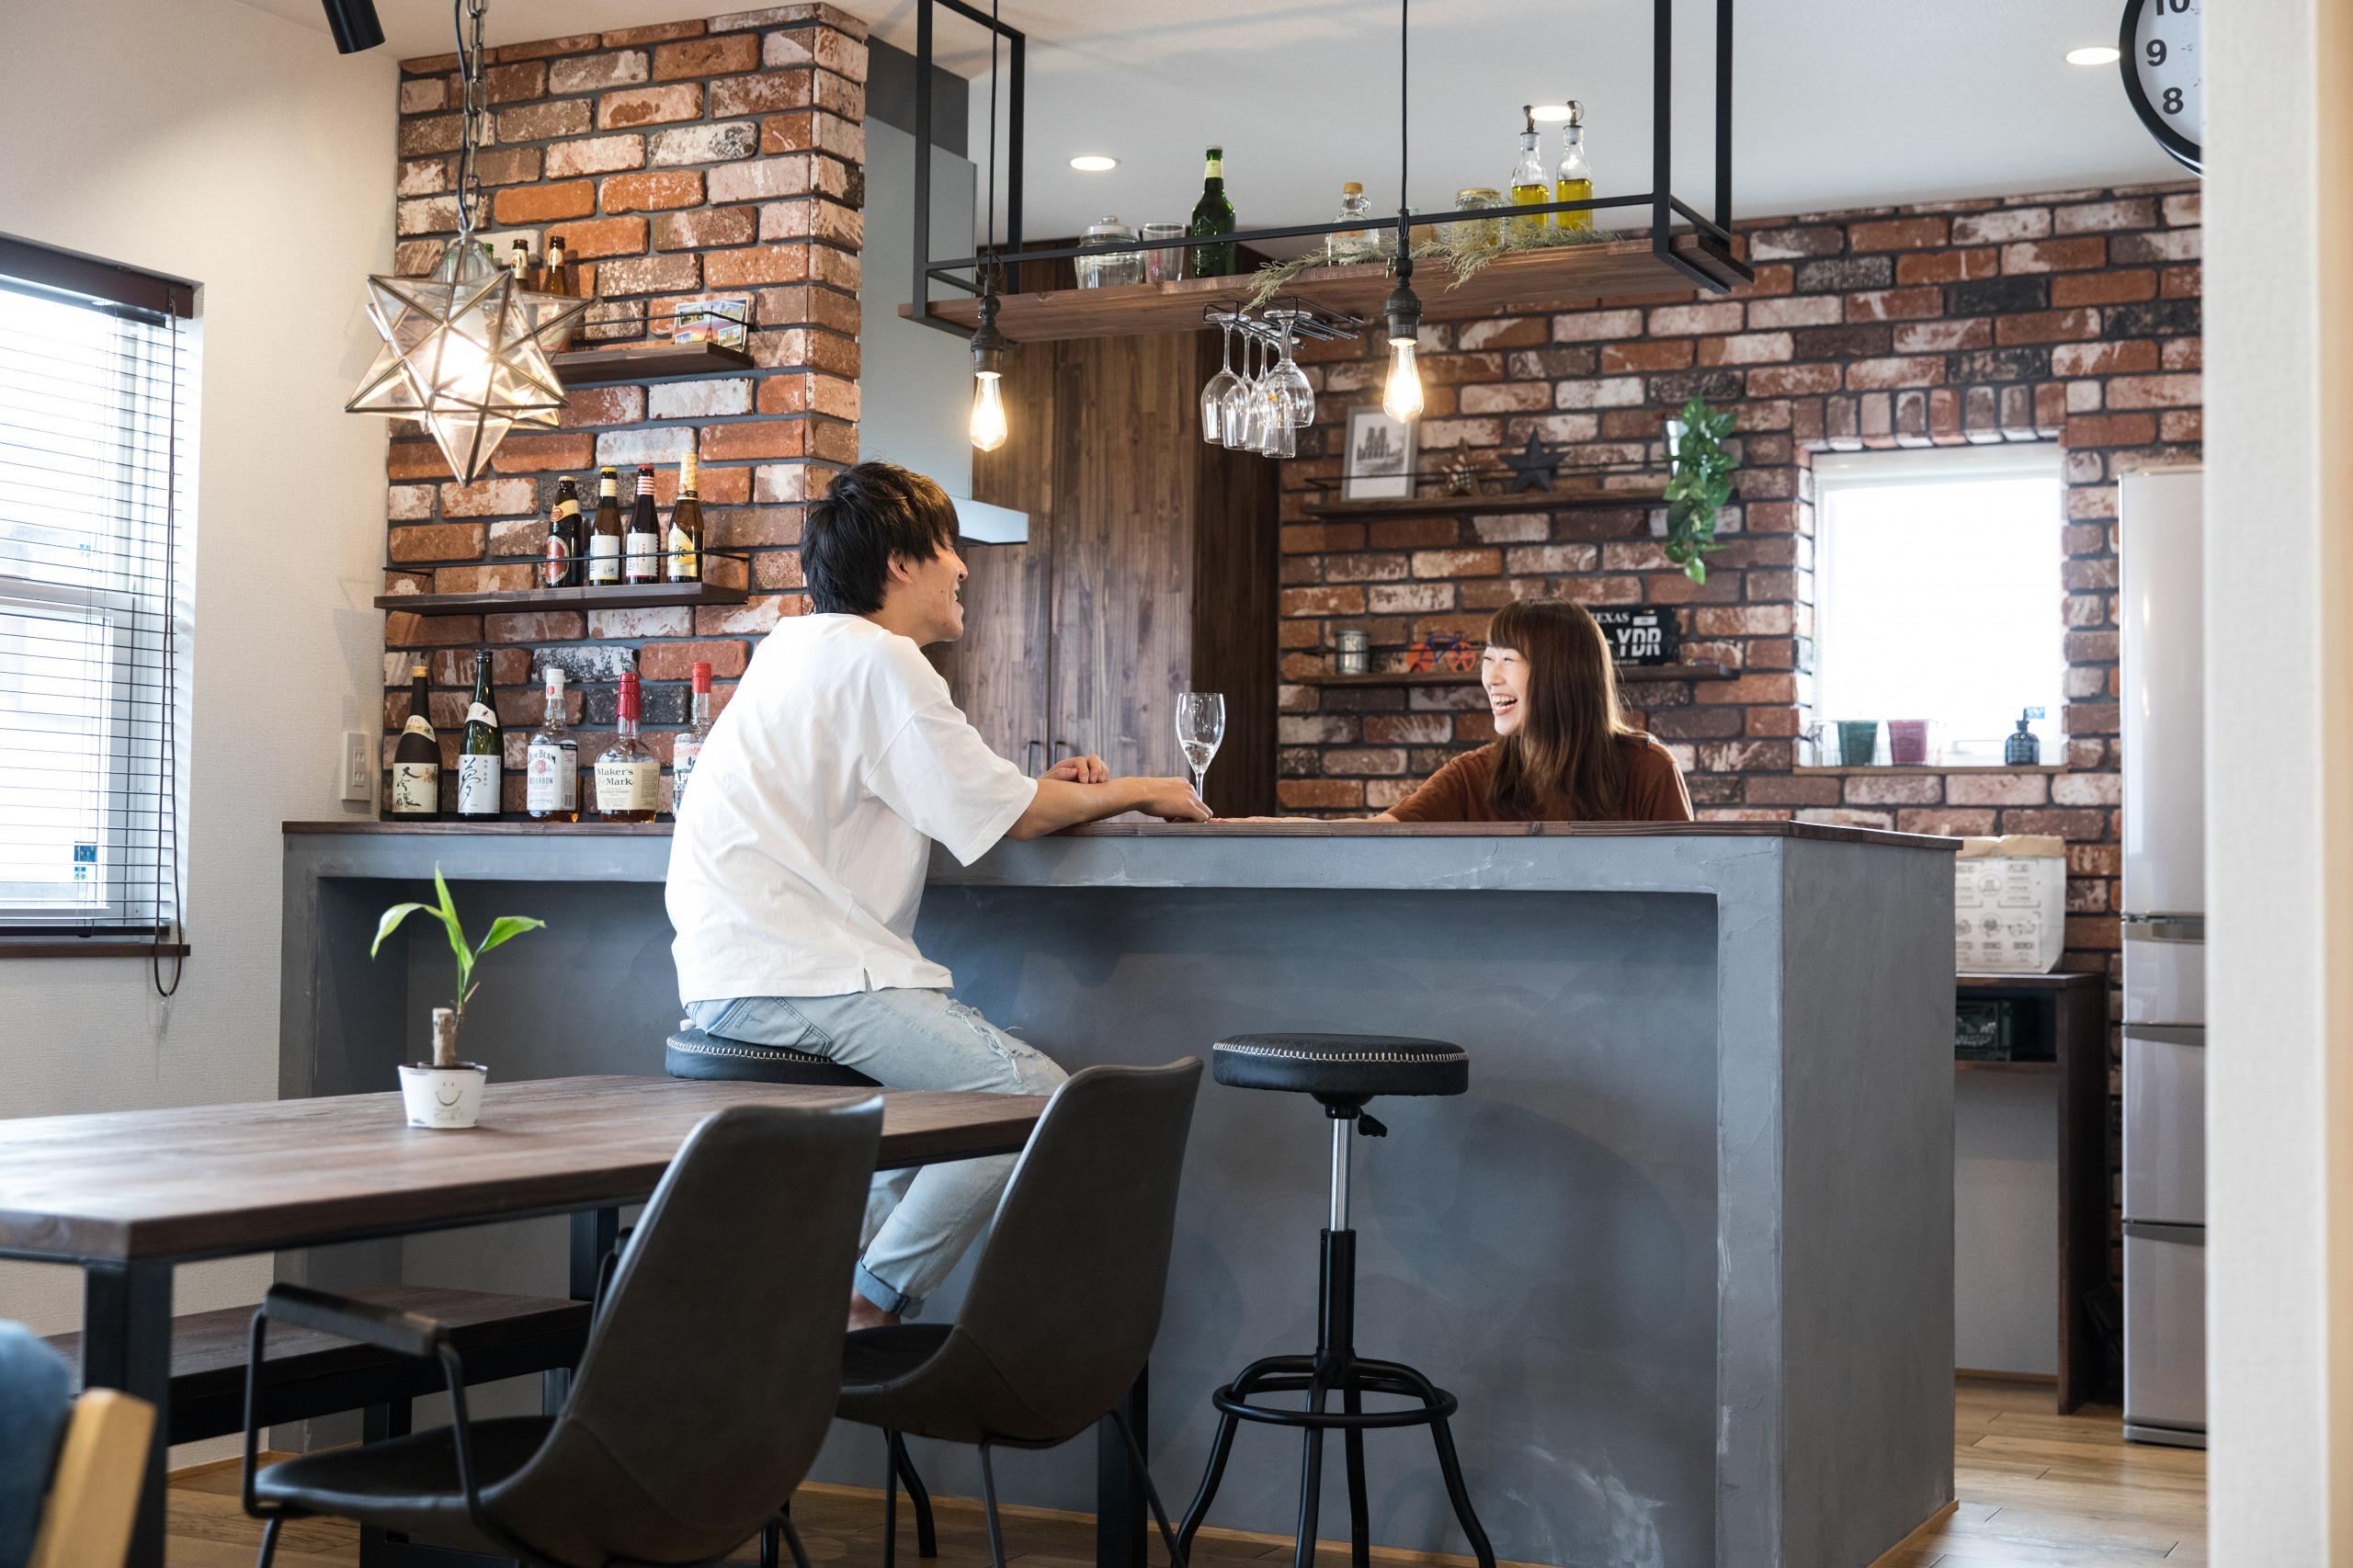 小幡建設【デザイン住宅、収納力、省エネ】落ち着いたトーンでまとめたキッチンはカウンターにも早変わり。夜は夫妻でお酒を楽しむことも